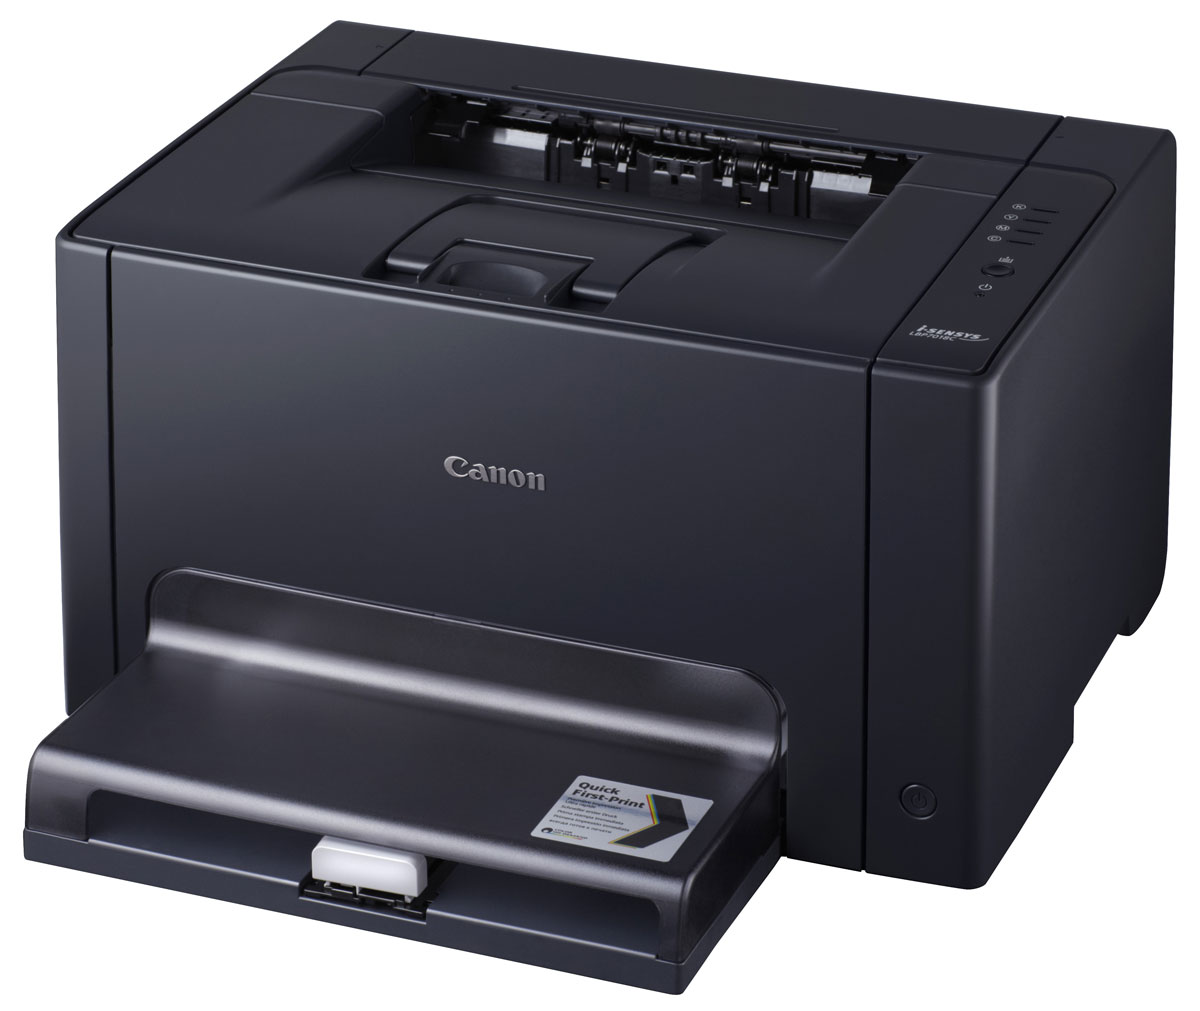 Canon i-Sensys LBP7018C лазерный принтер цветной лазерный принтер canon i sensys lbp613cdw 1477c001 1477c001